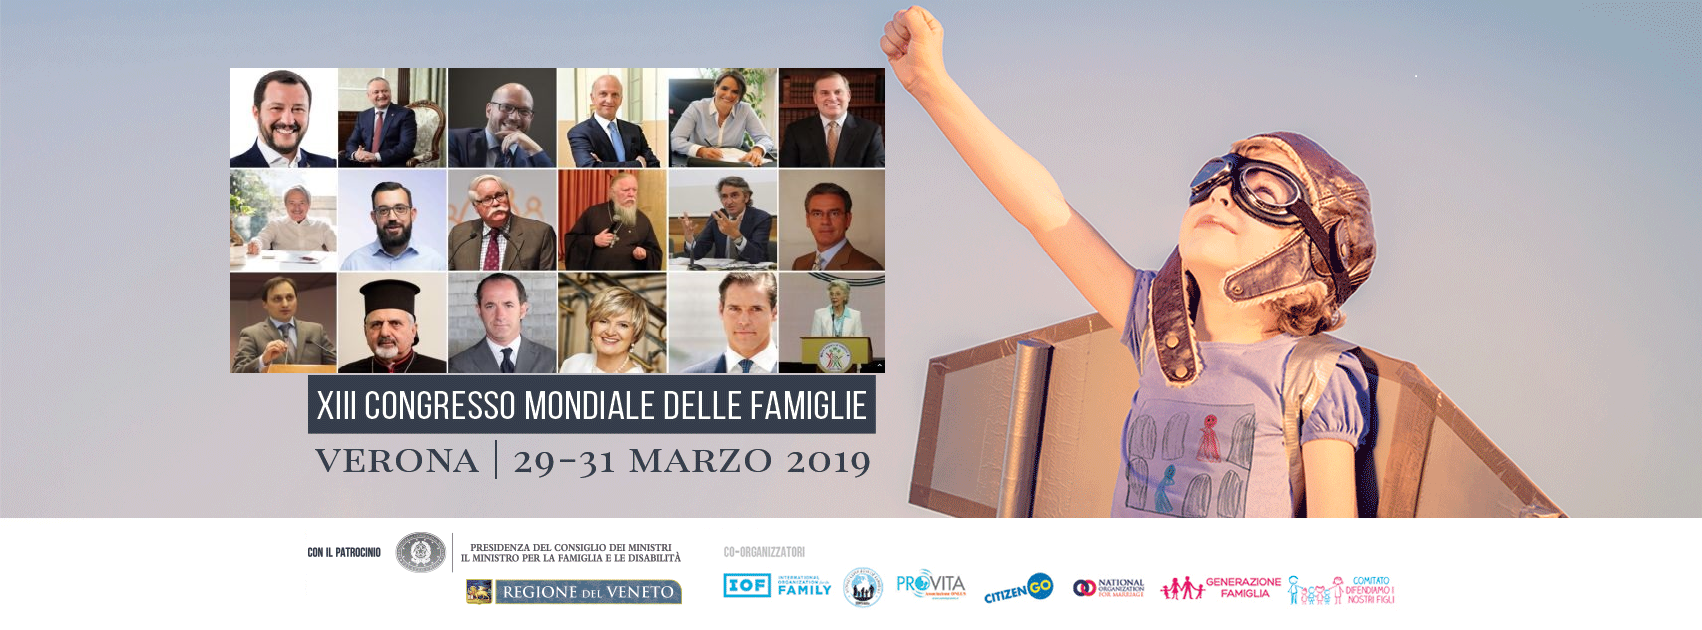 Congresso Mondiale delle Famiglie 2019